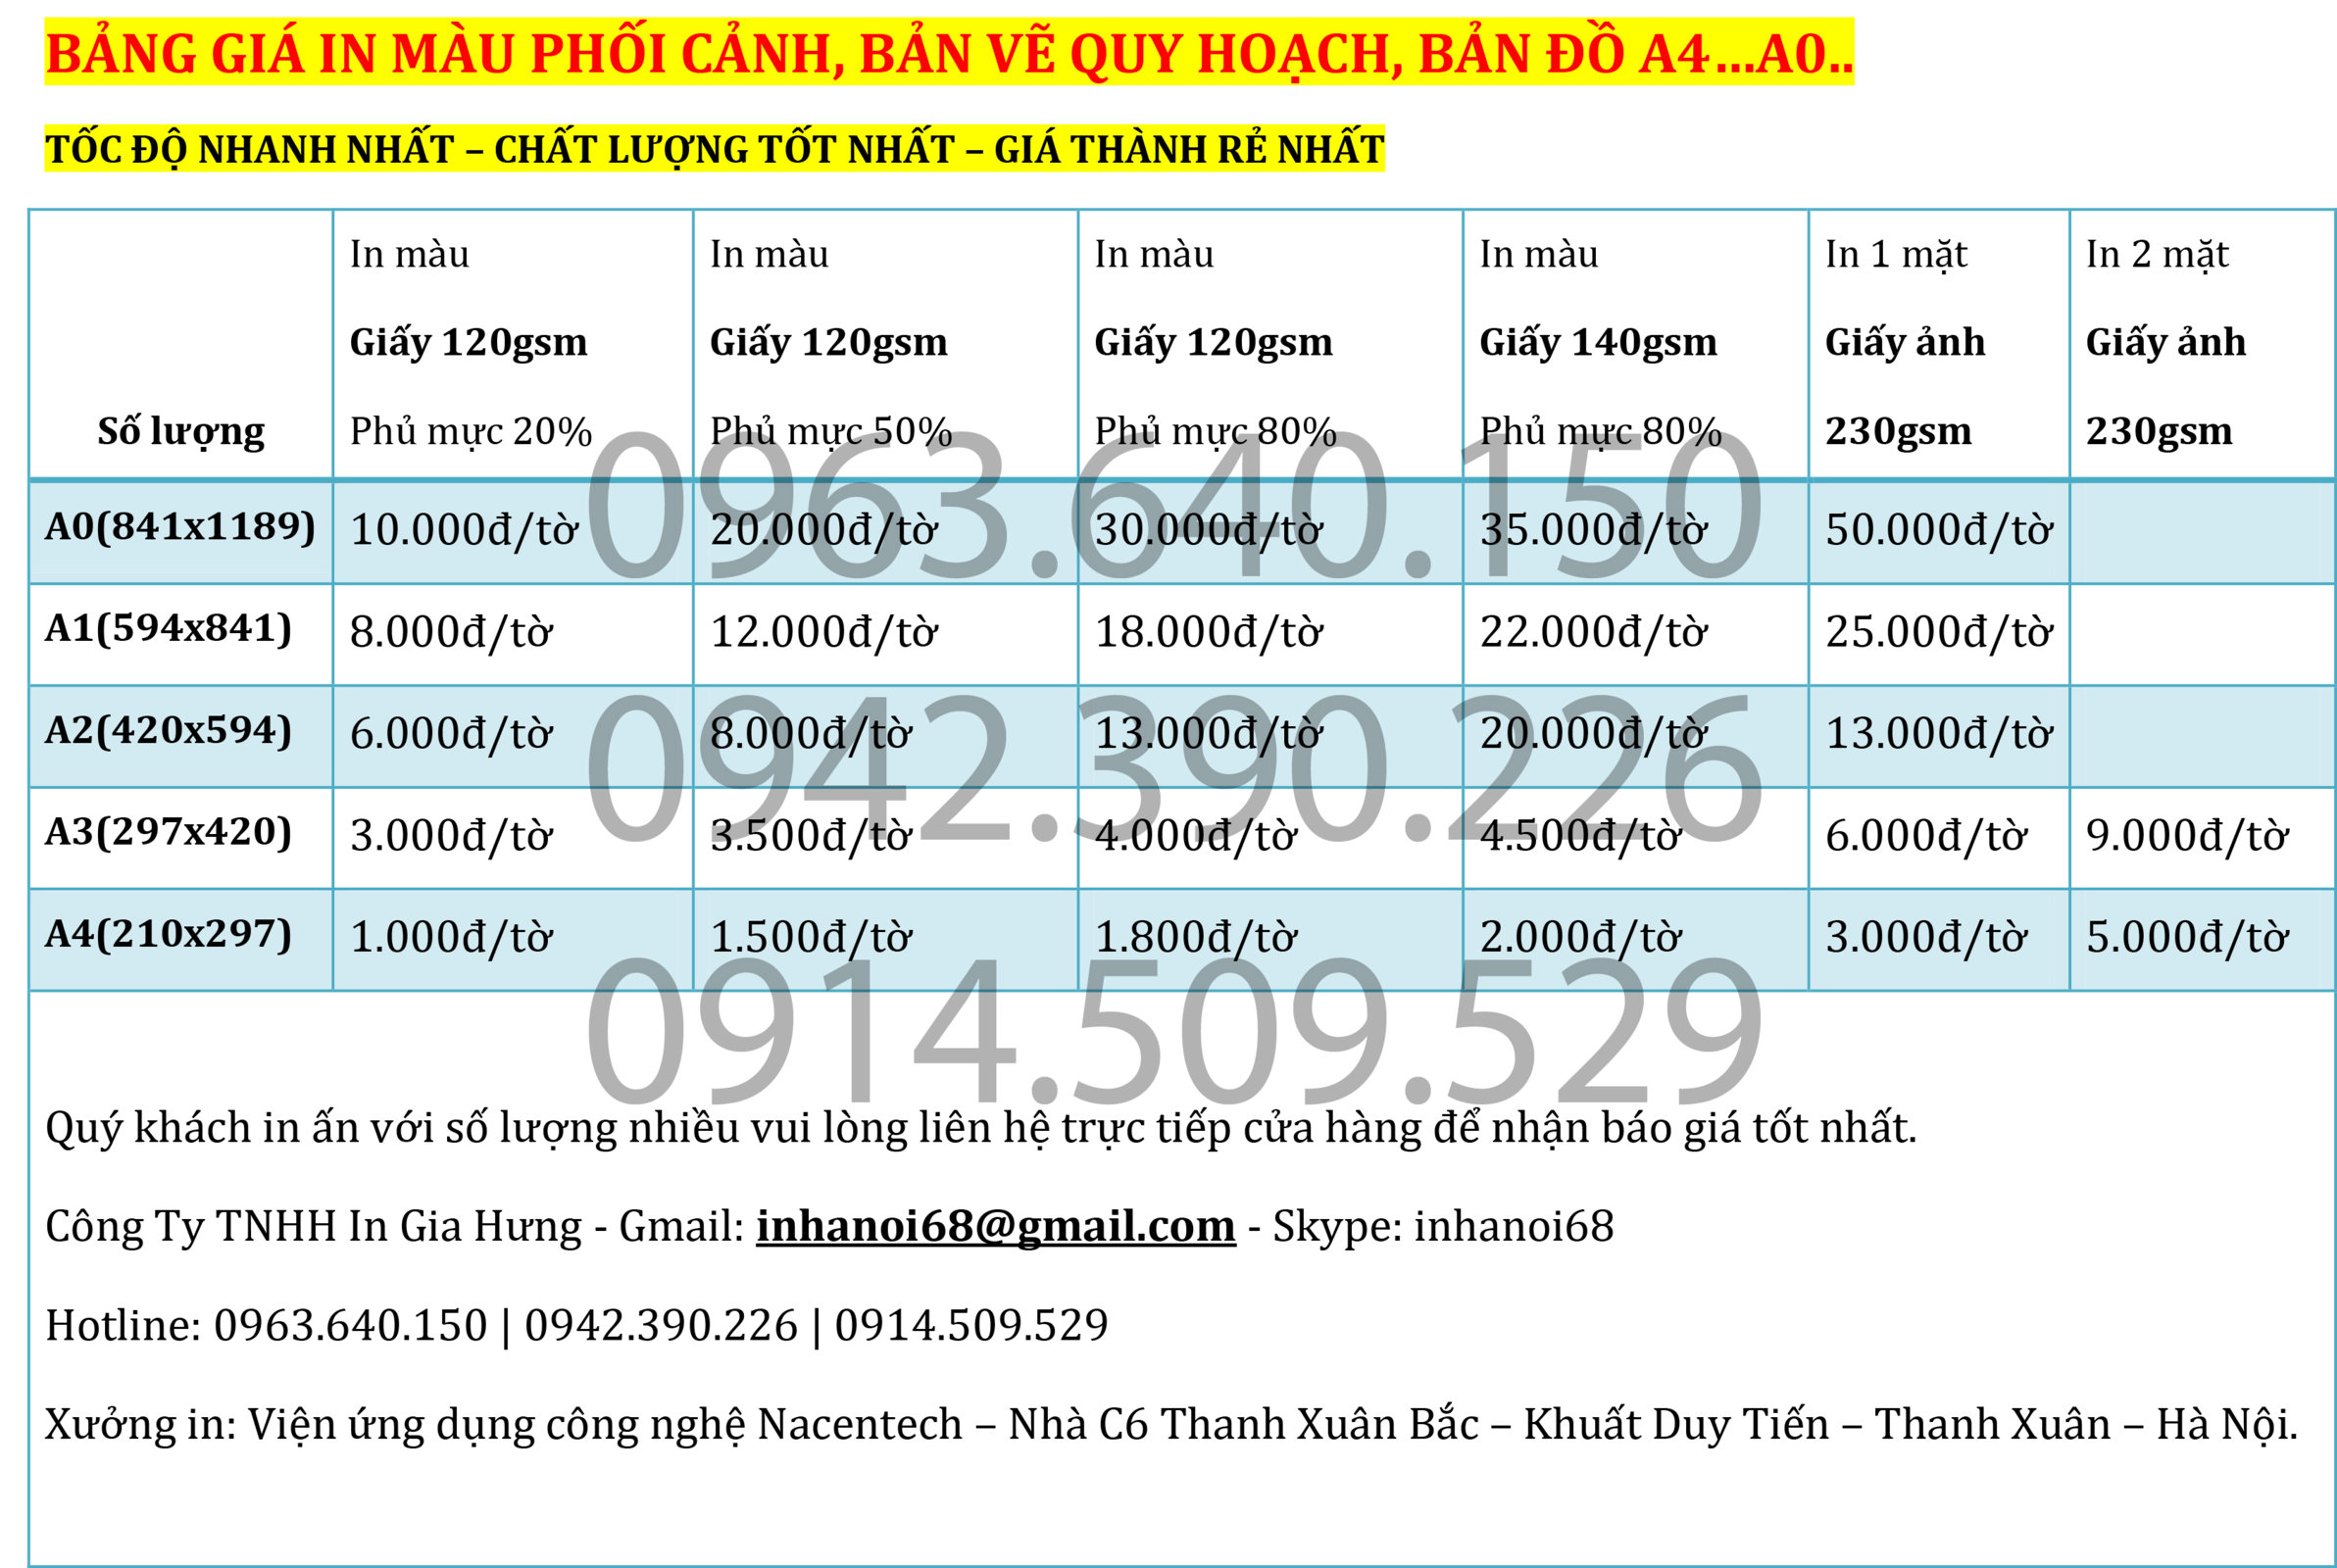 11. Photo giá rẻ nhất tại Hà Nội. Photo tài liệu giá rẻ nhất tại Hà Nội.jpg